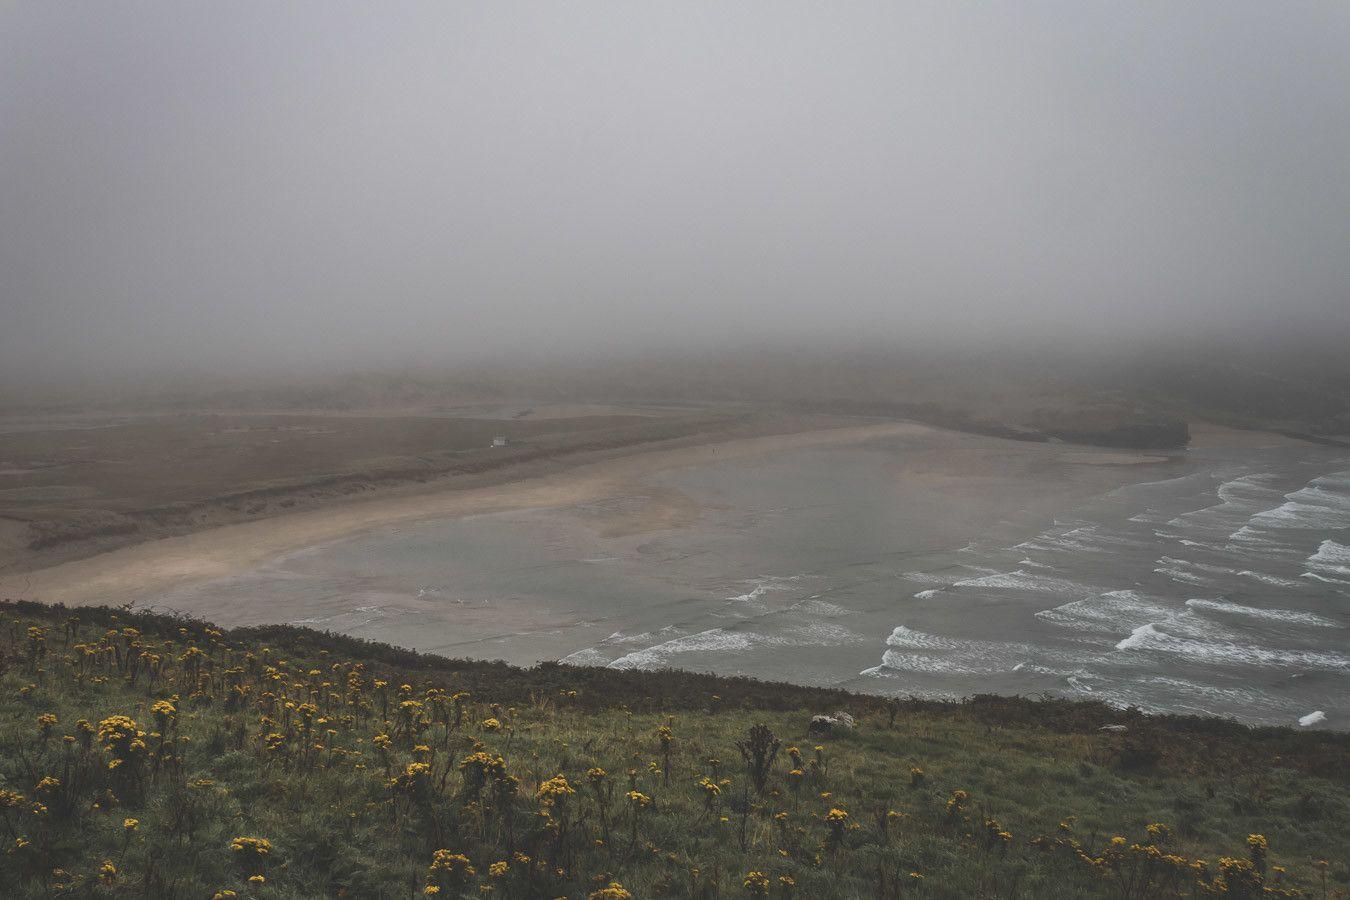 La plage de Barley Cove Beach sous le brouillard